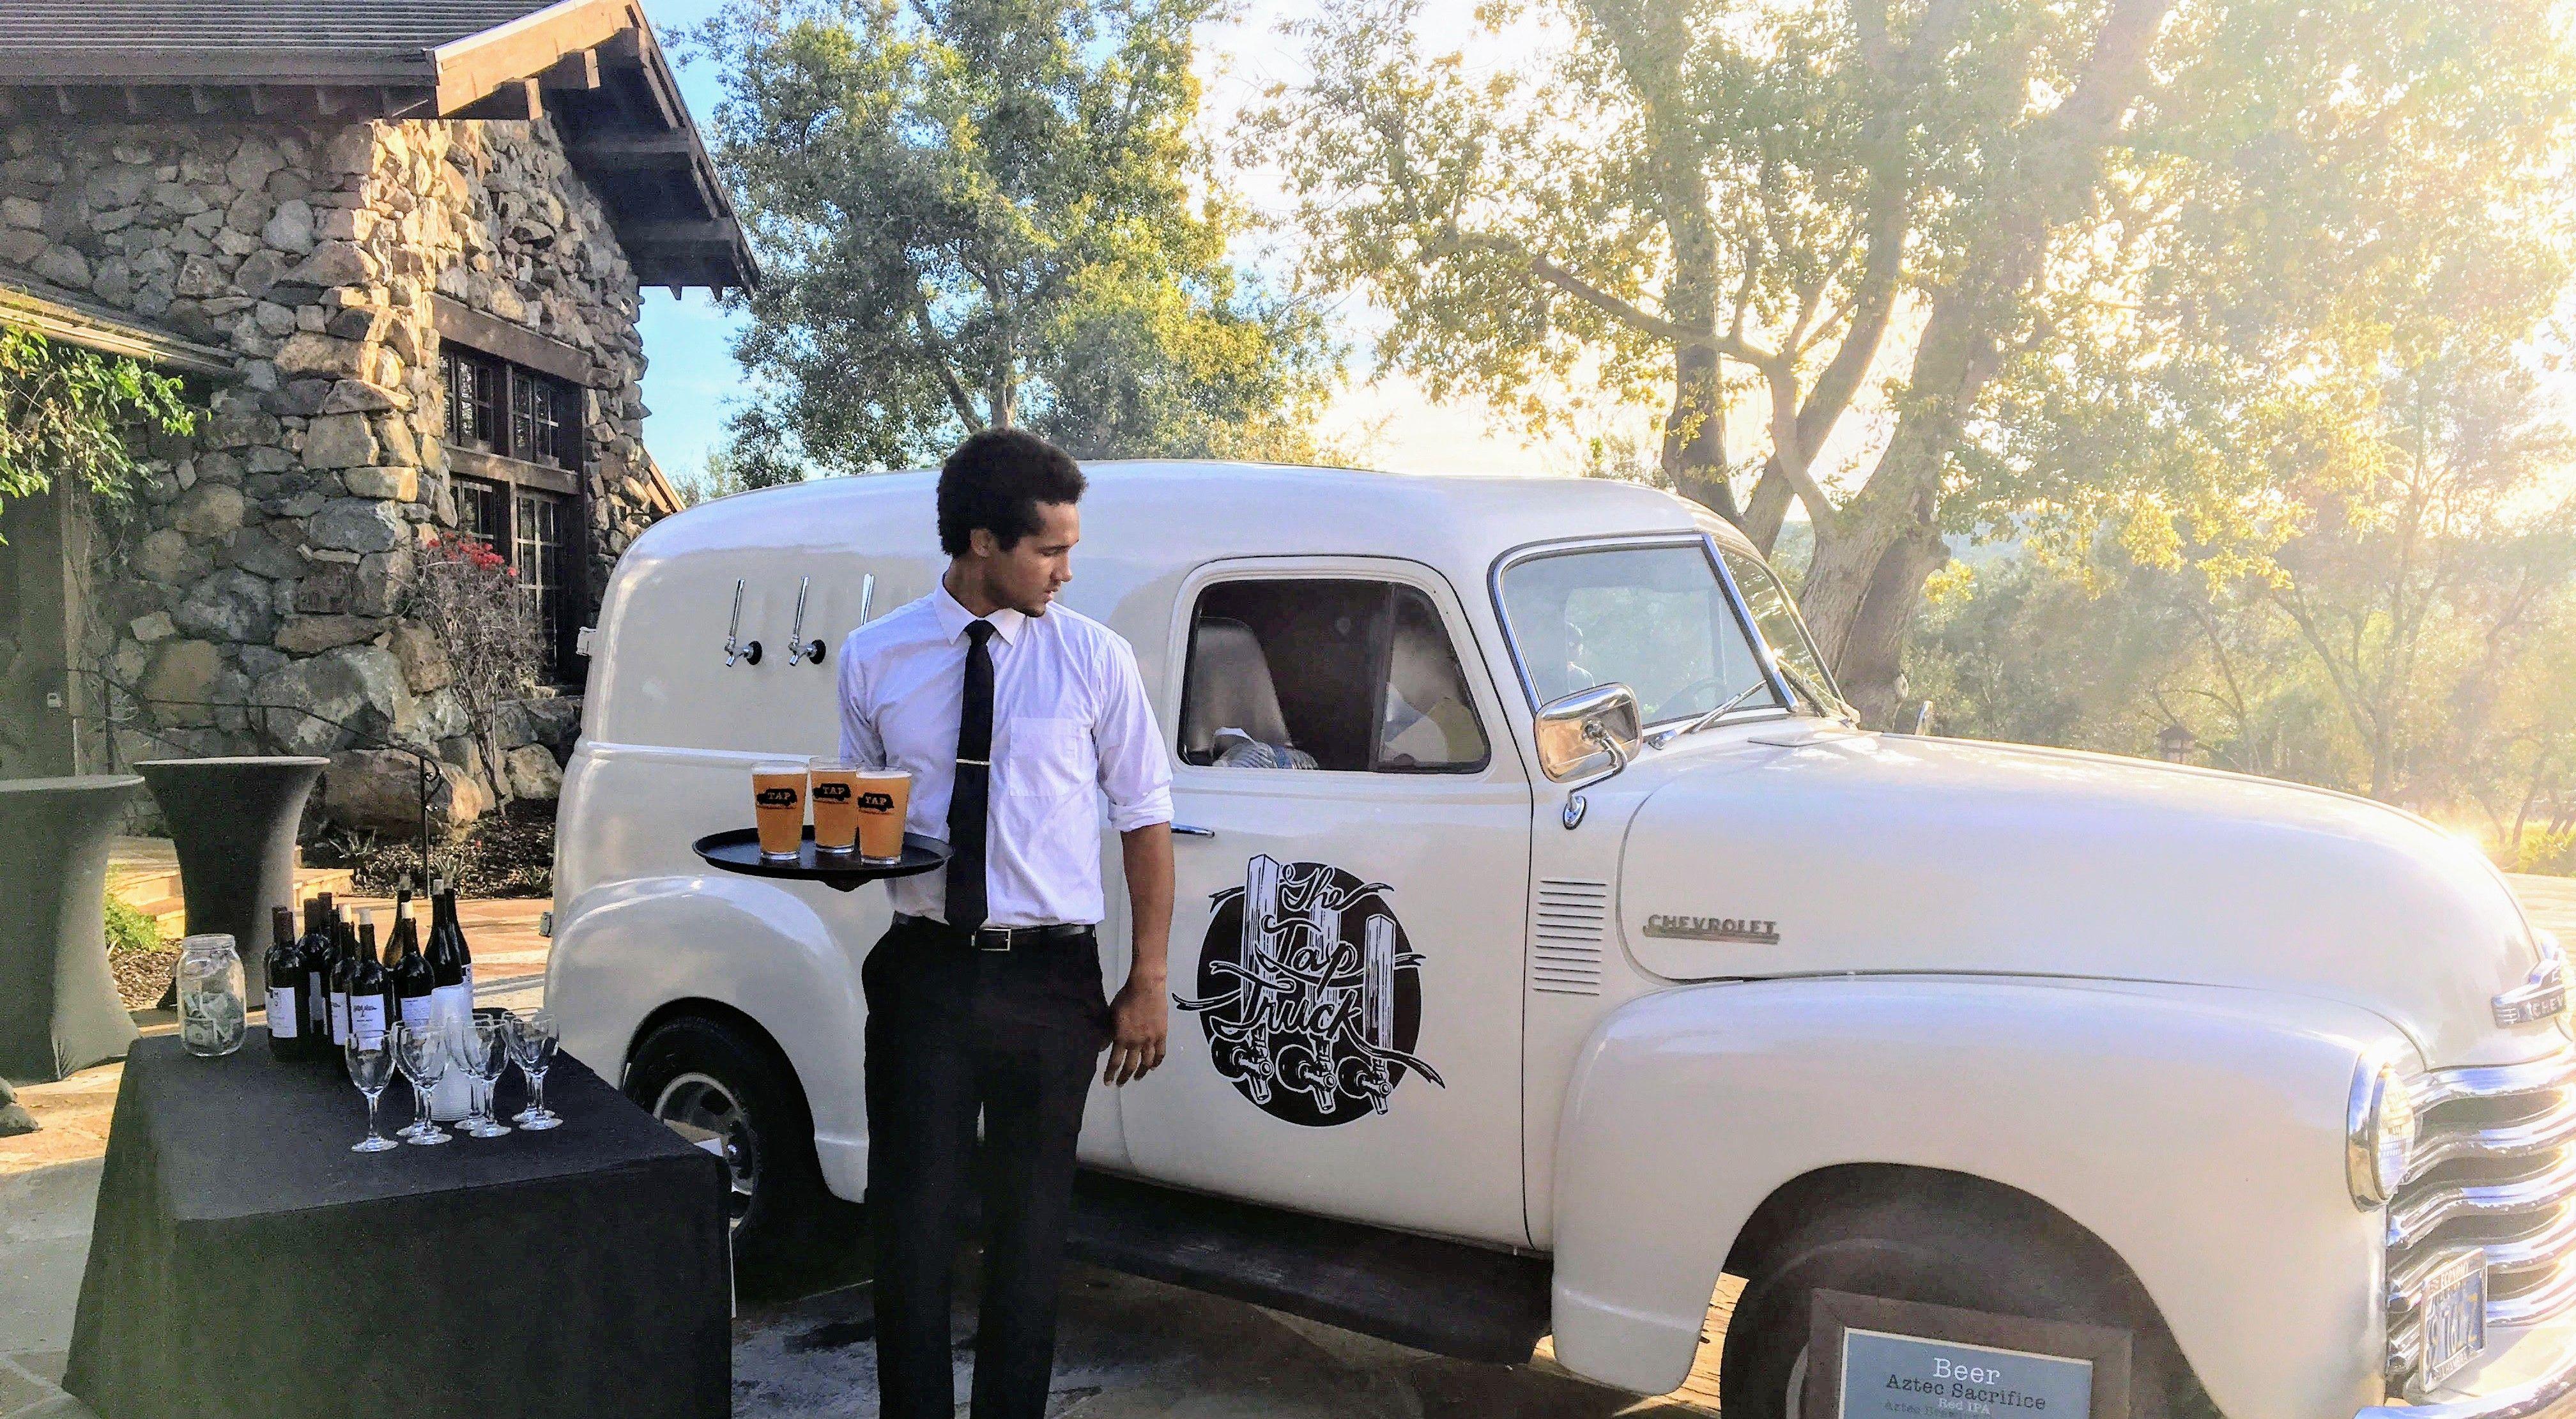 Beer Truck, Tap Truck, Wine Truck, Mobile Bar, wedding